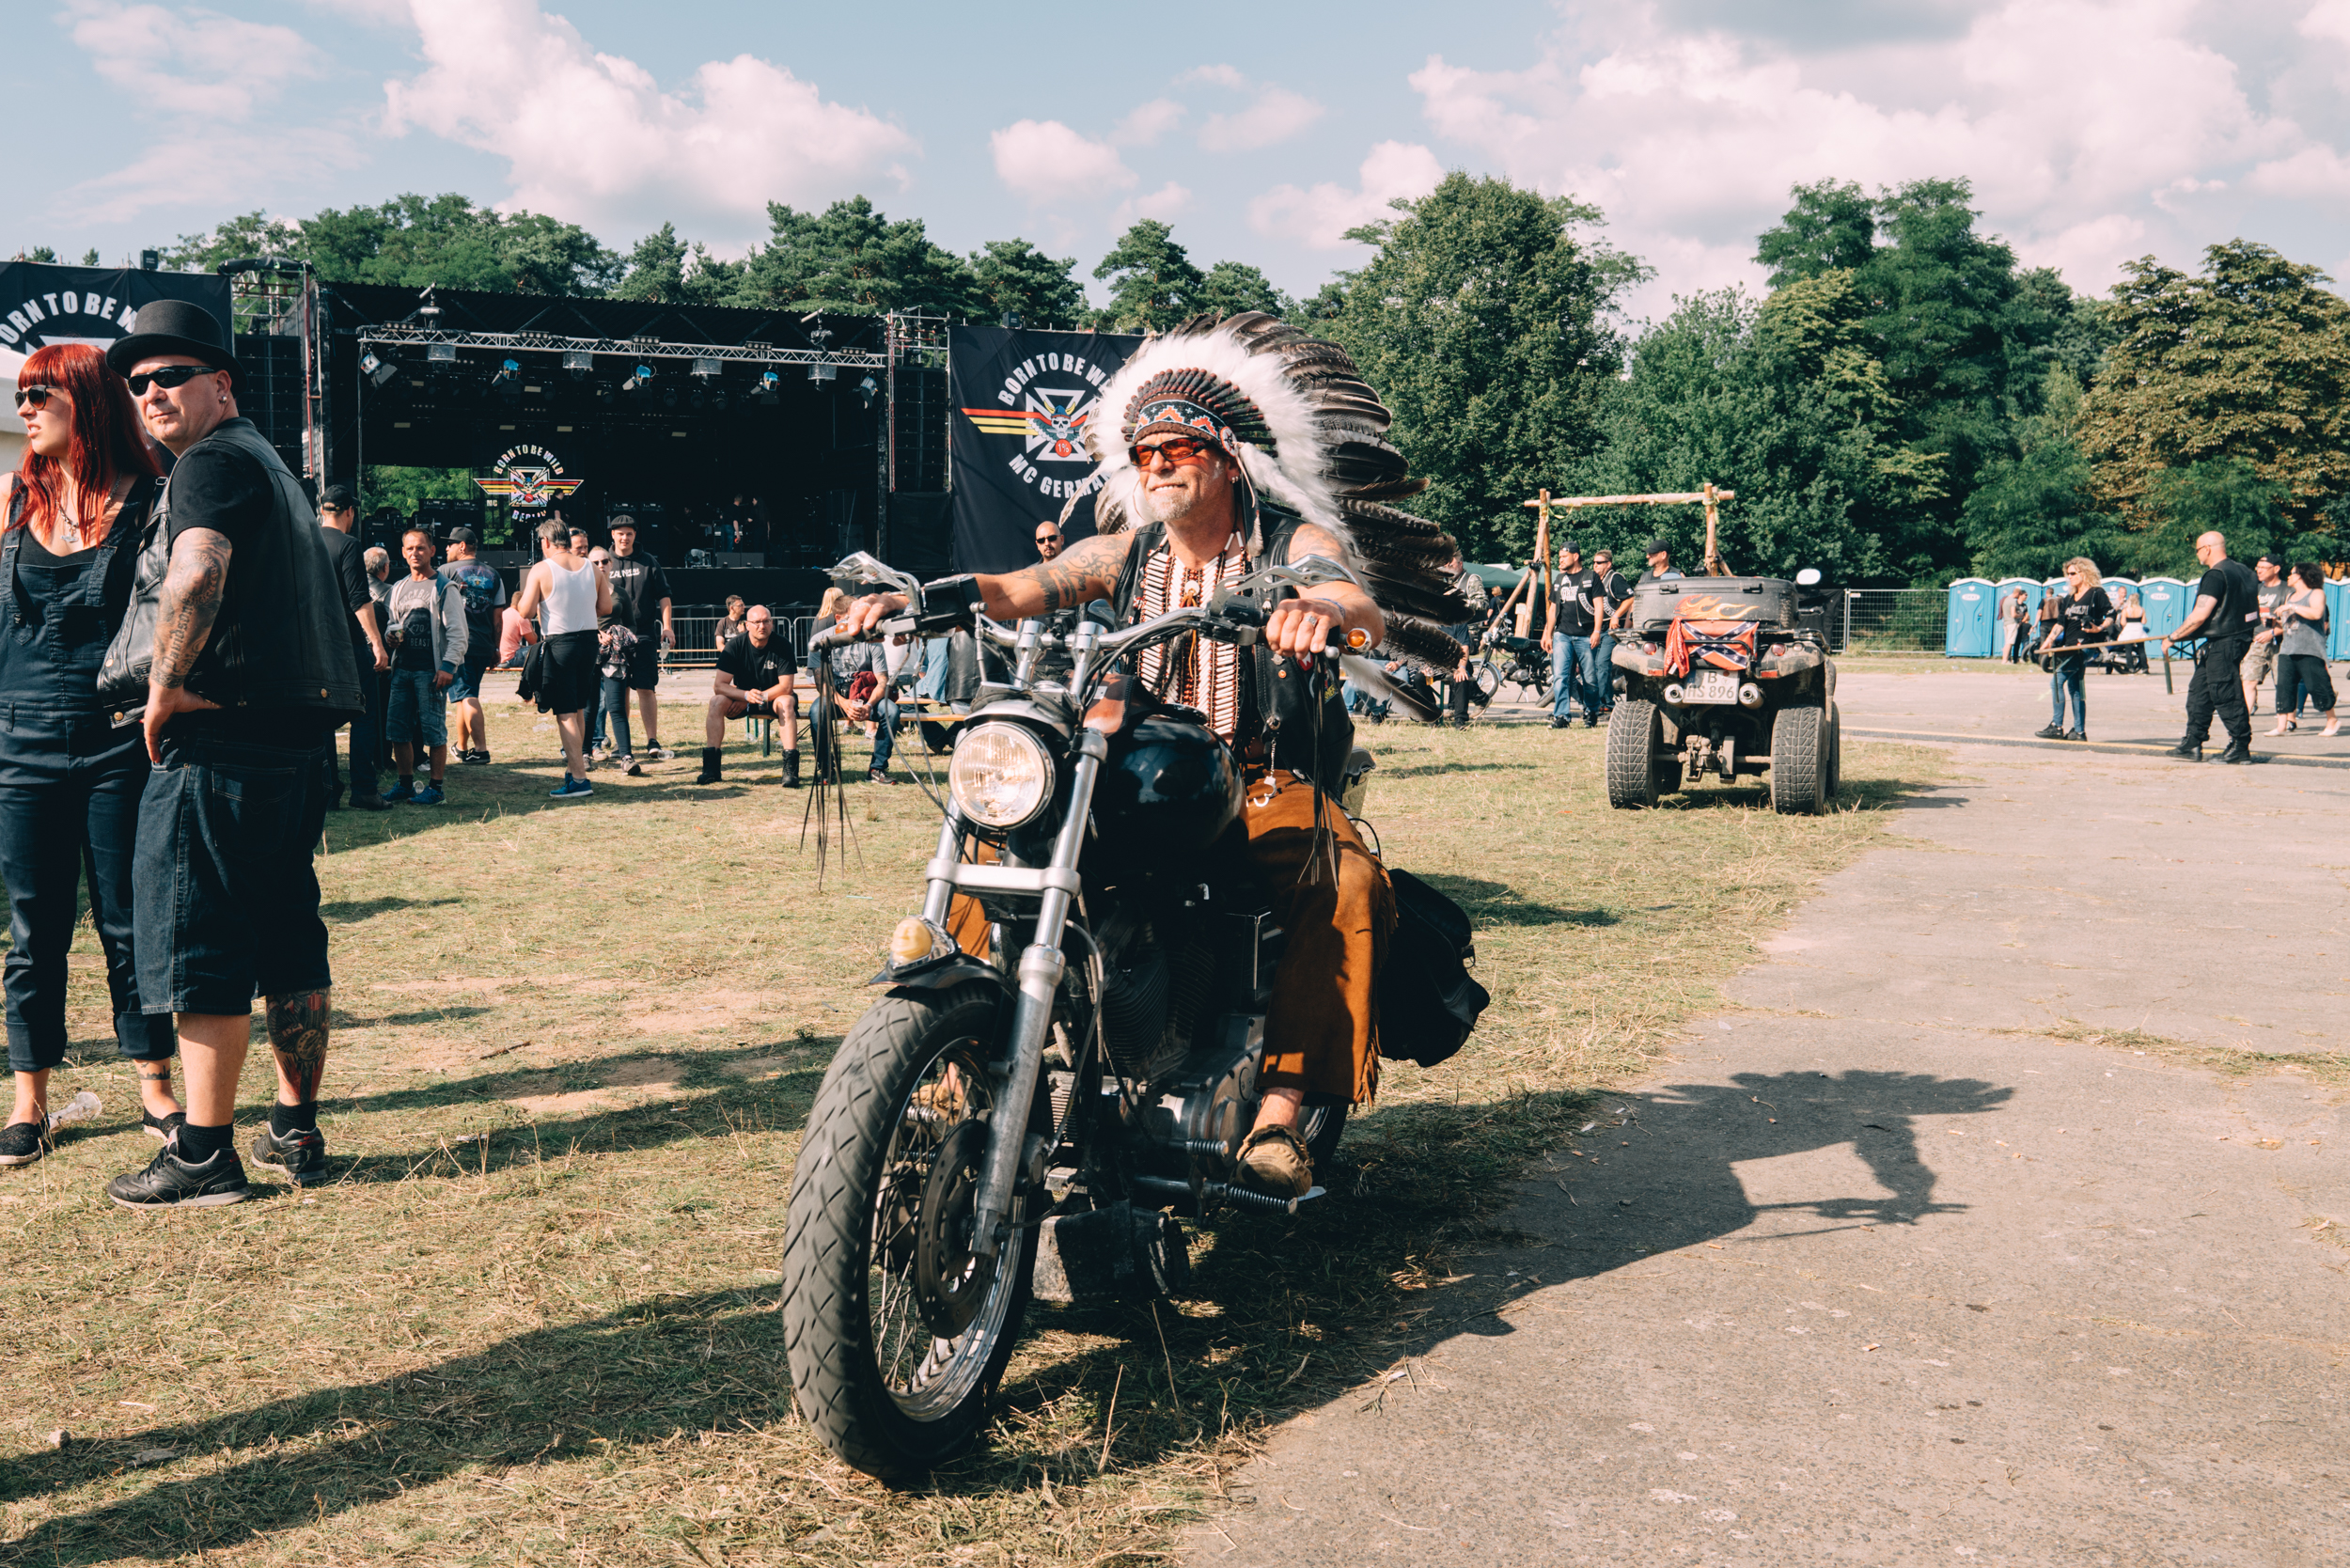 frauen nackt auf dem motorrad